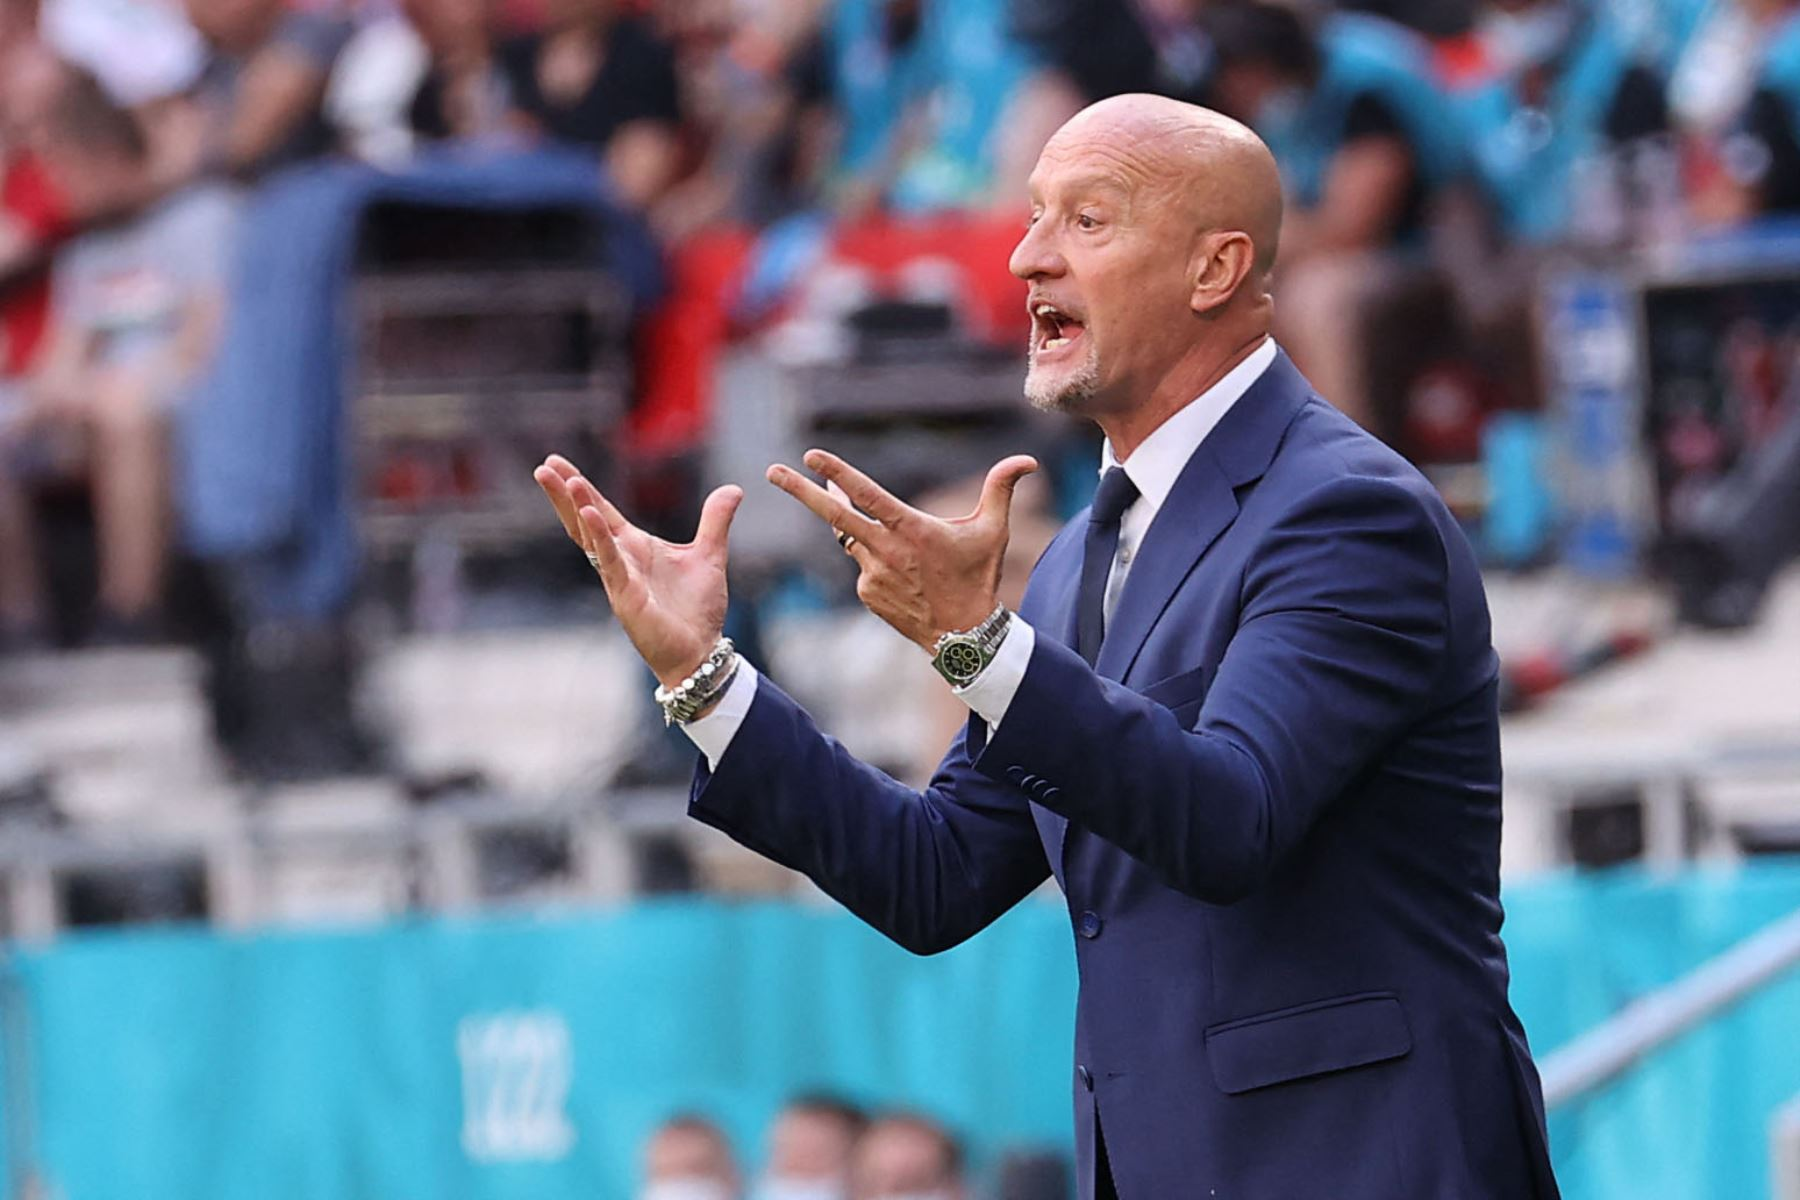 El entrenador italiano de Hungría, Marco Rossi, reacciona desde el banquillo durante el partido de fútbol del Grupo F de la UEFA EURO 2020 entre Hungría y Francia en el Puskas Arena de Budapest. Foto: AFP